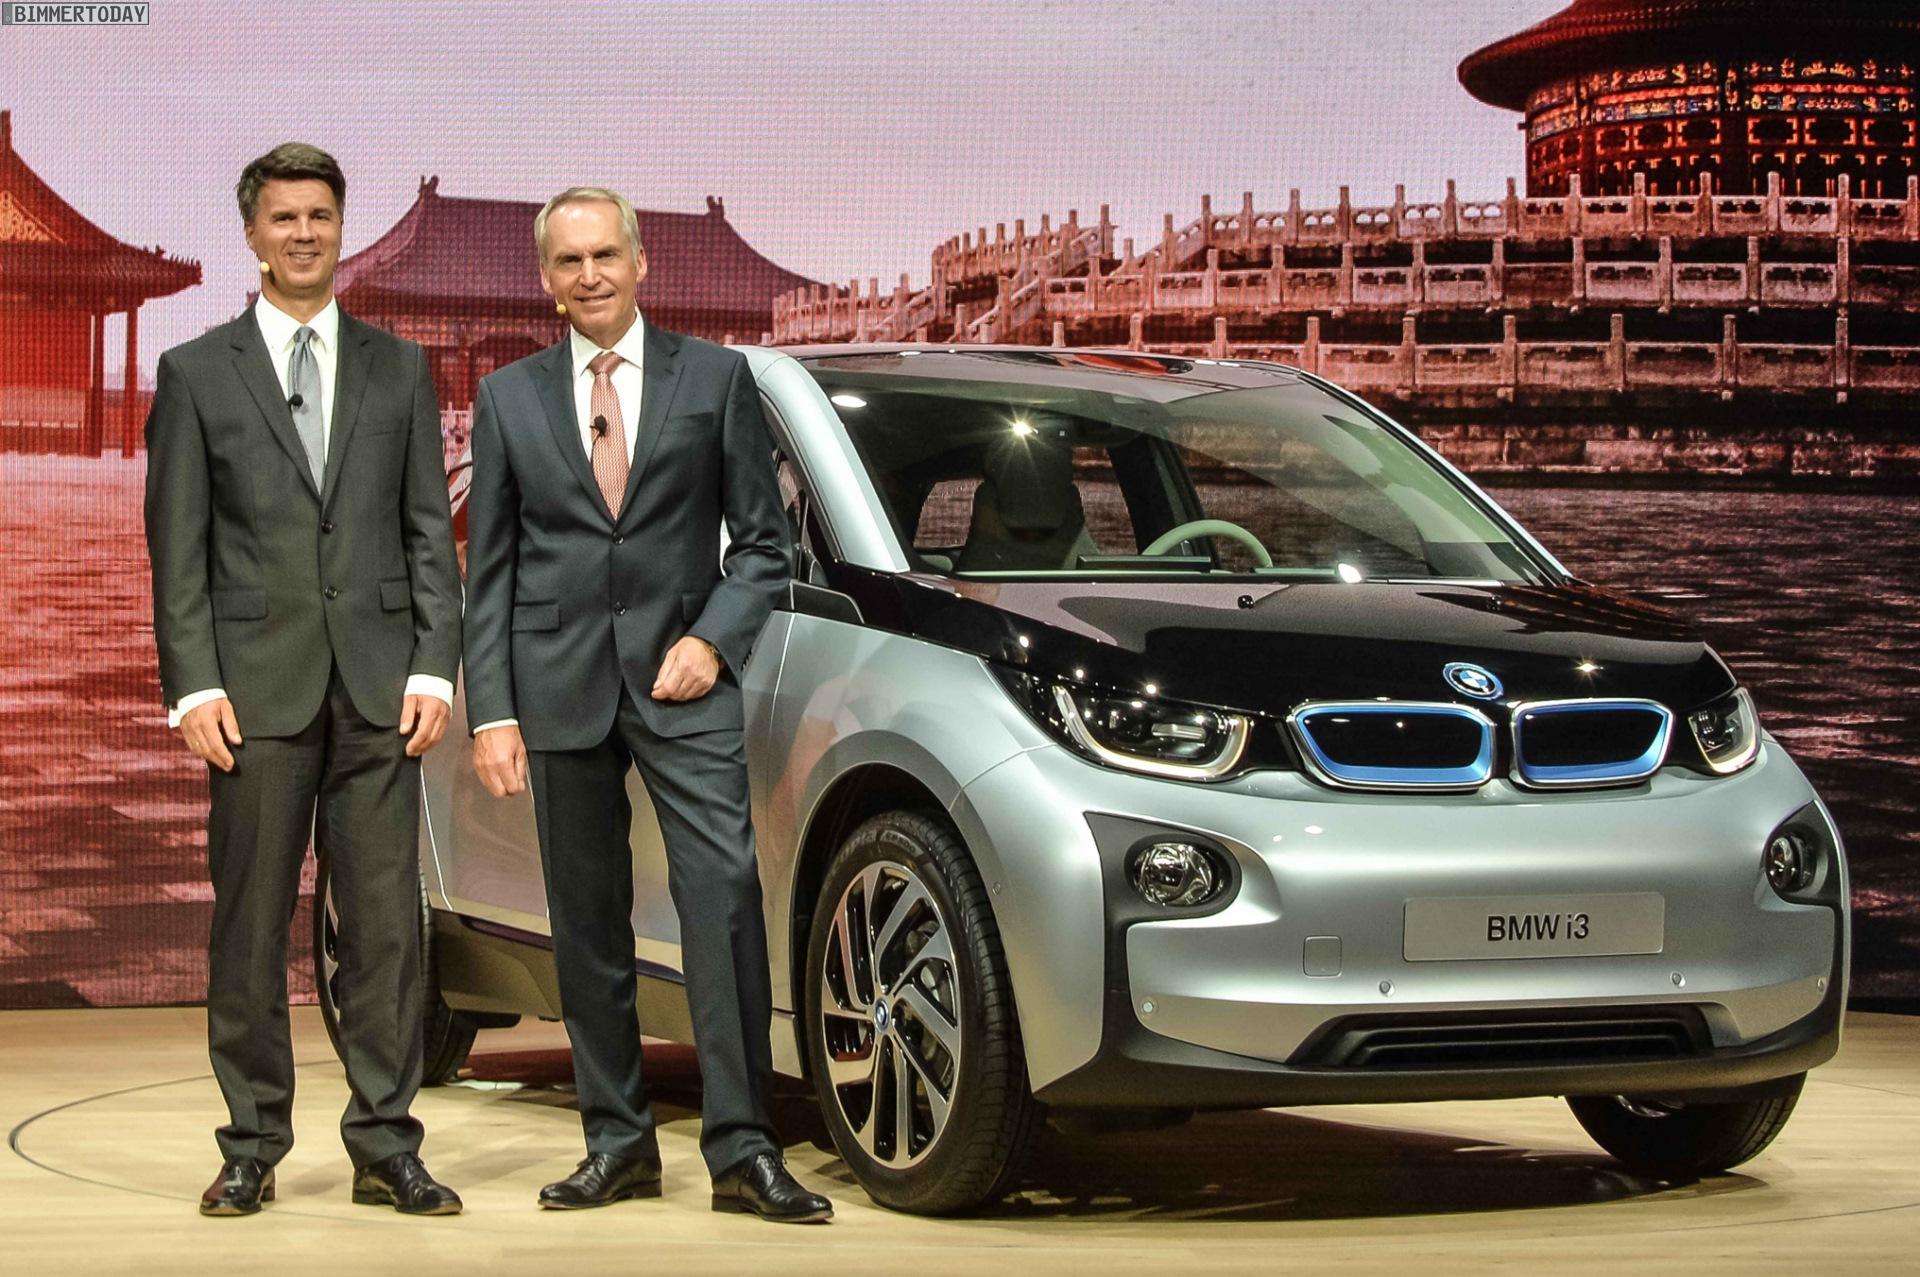 BMW i3 Harald Krueger Friedrich Eichiner Profitabilitaet